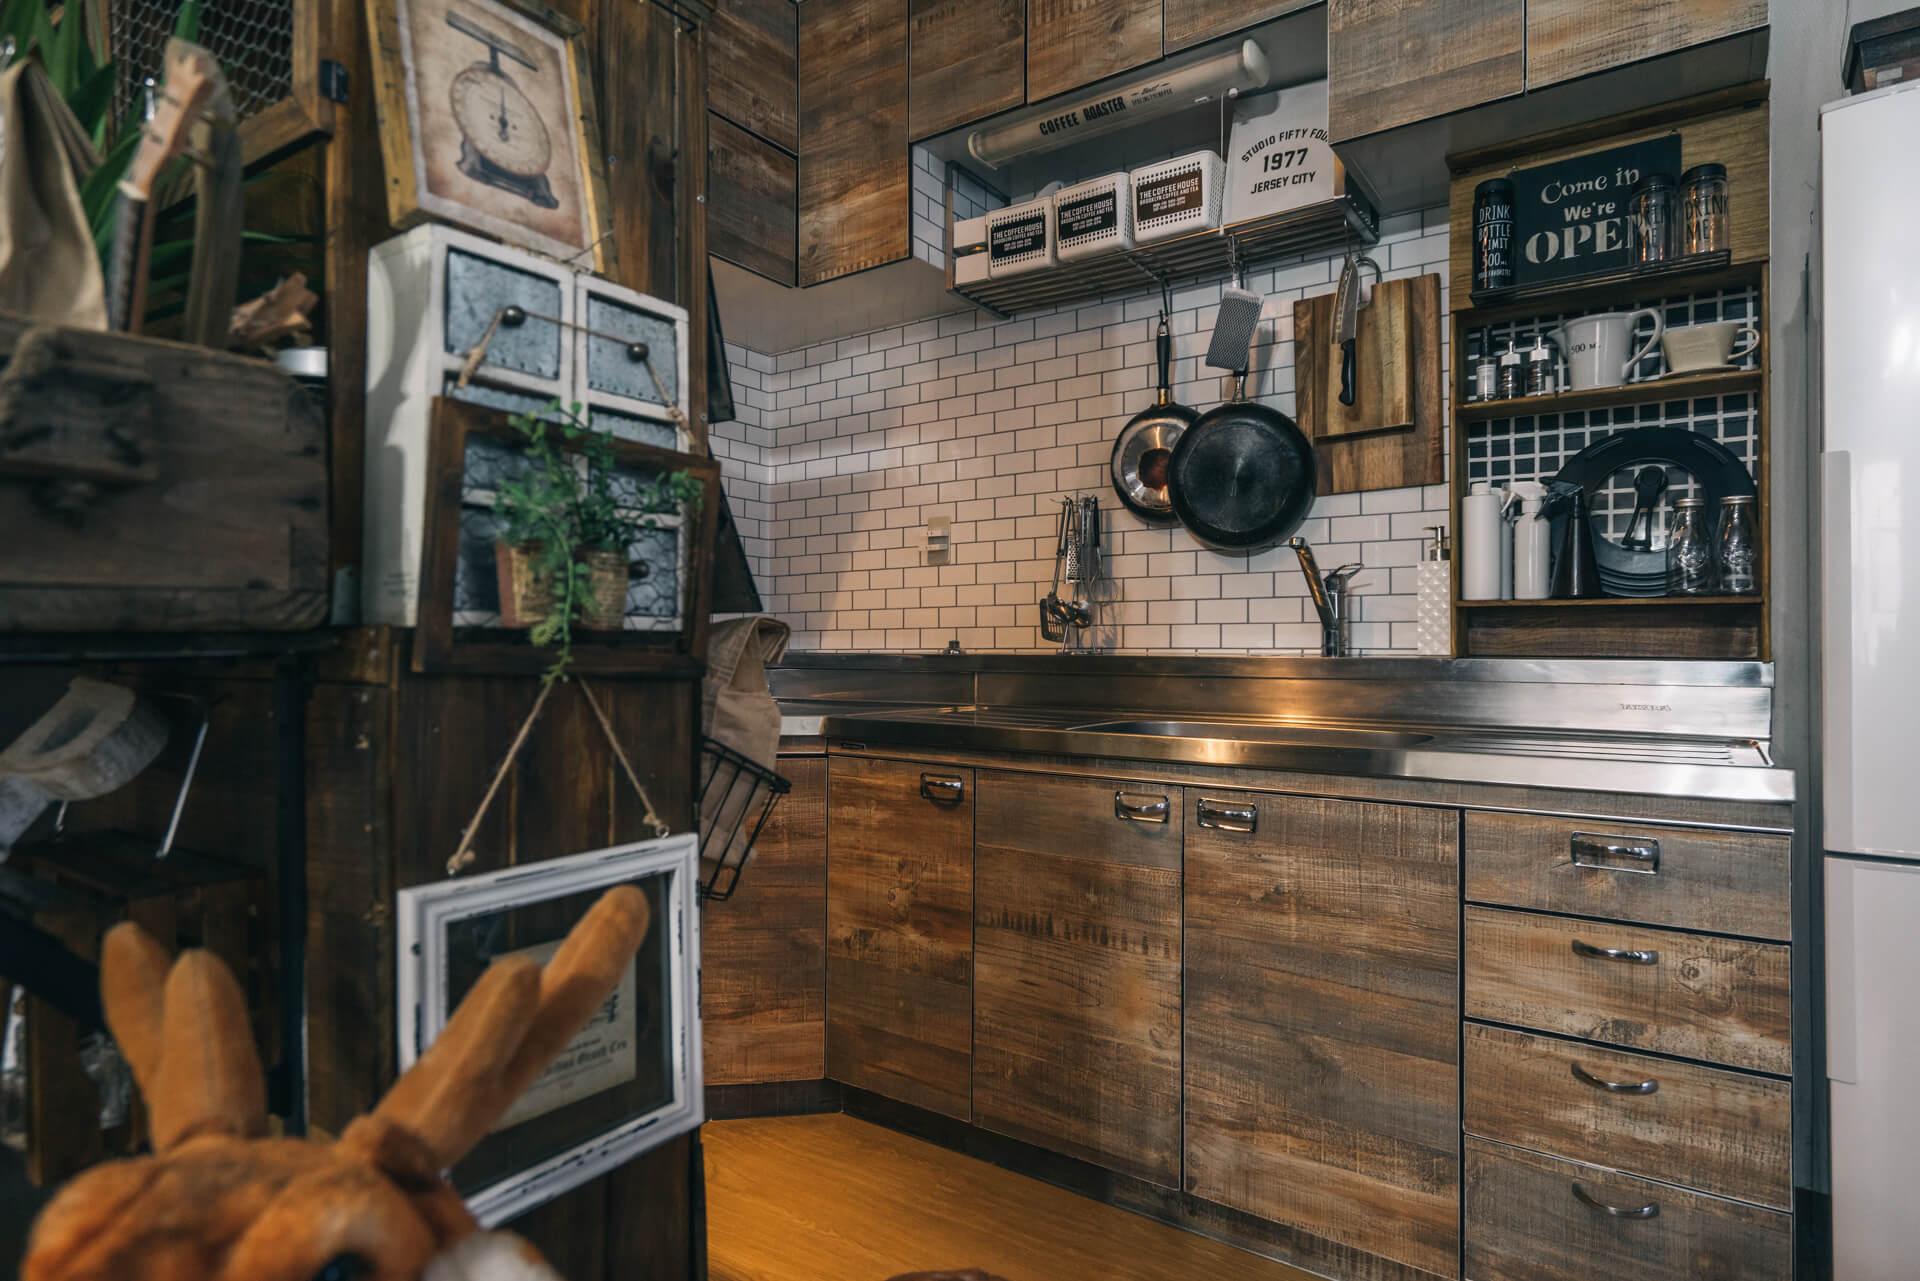 キッチンはもともと花柄のタイル。「なぜ、花柄。」と、上にサブウェイタイル柄の壁紙を。